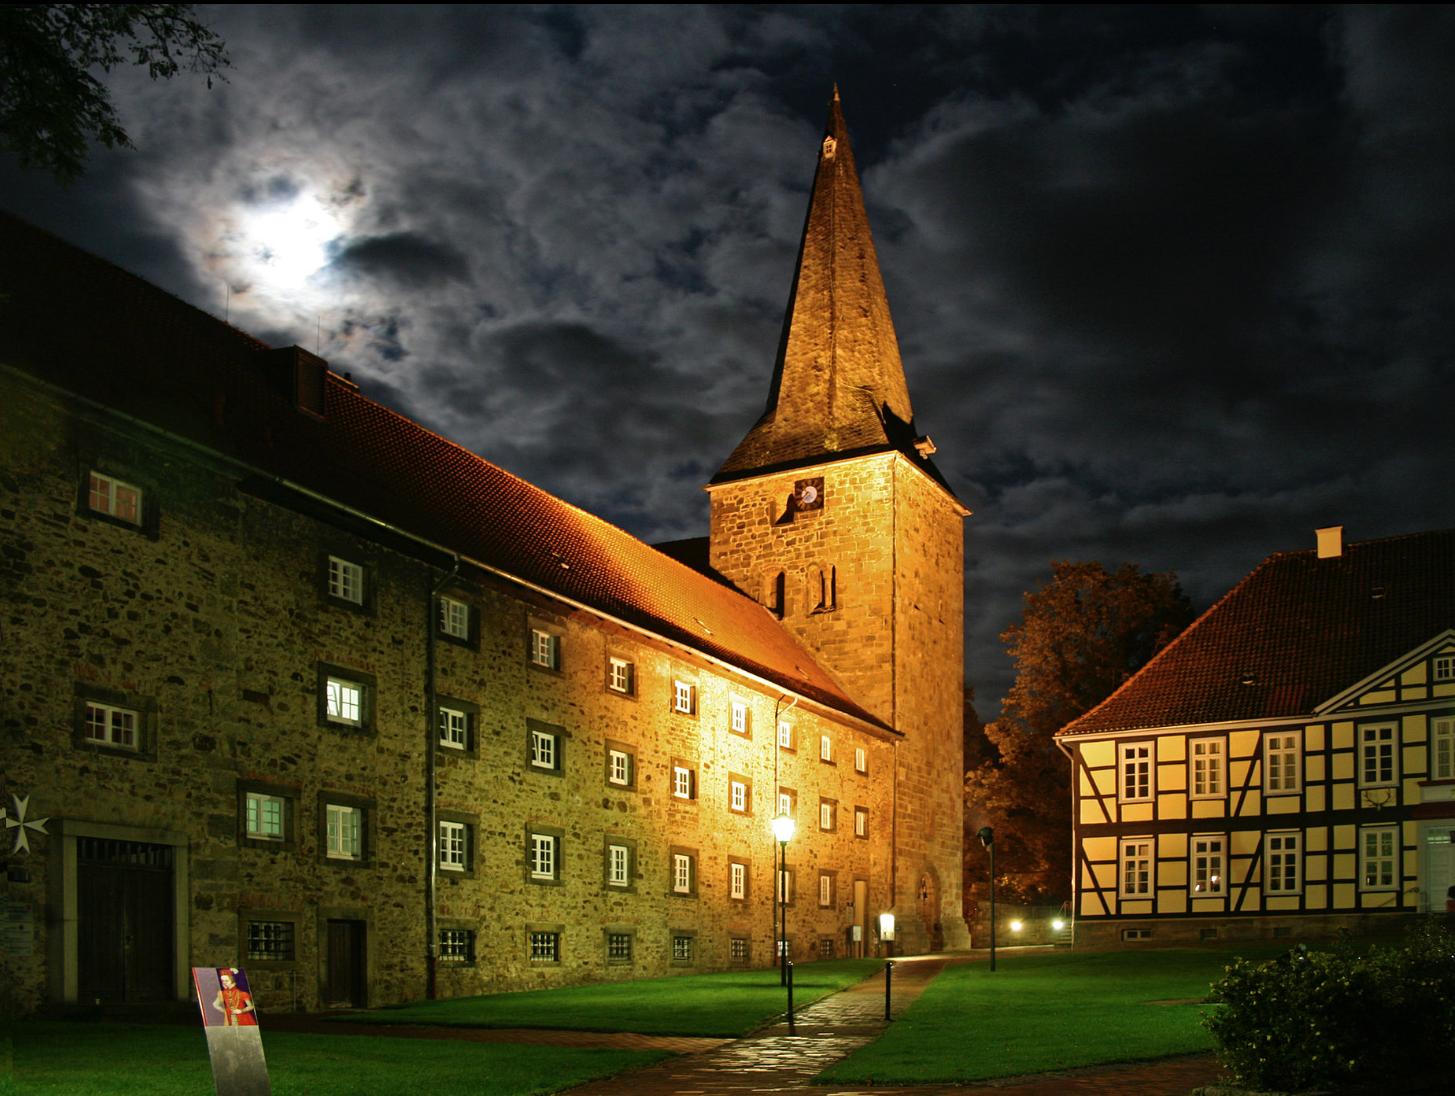 Wennigsen_Klosteranlage.png